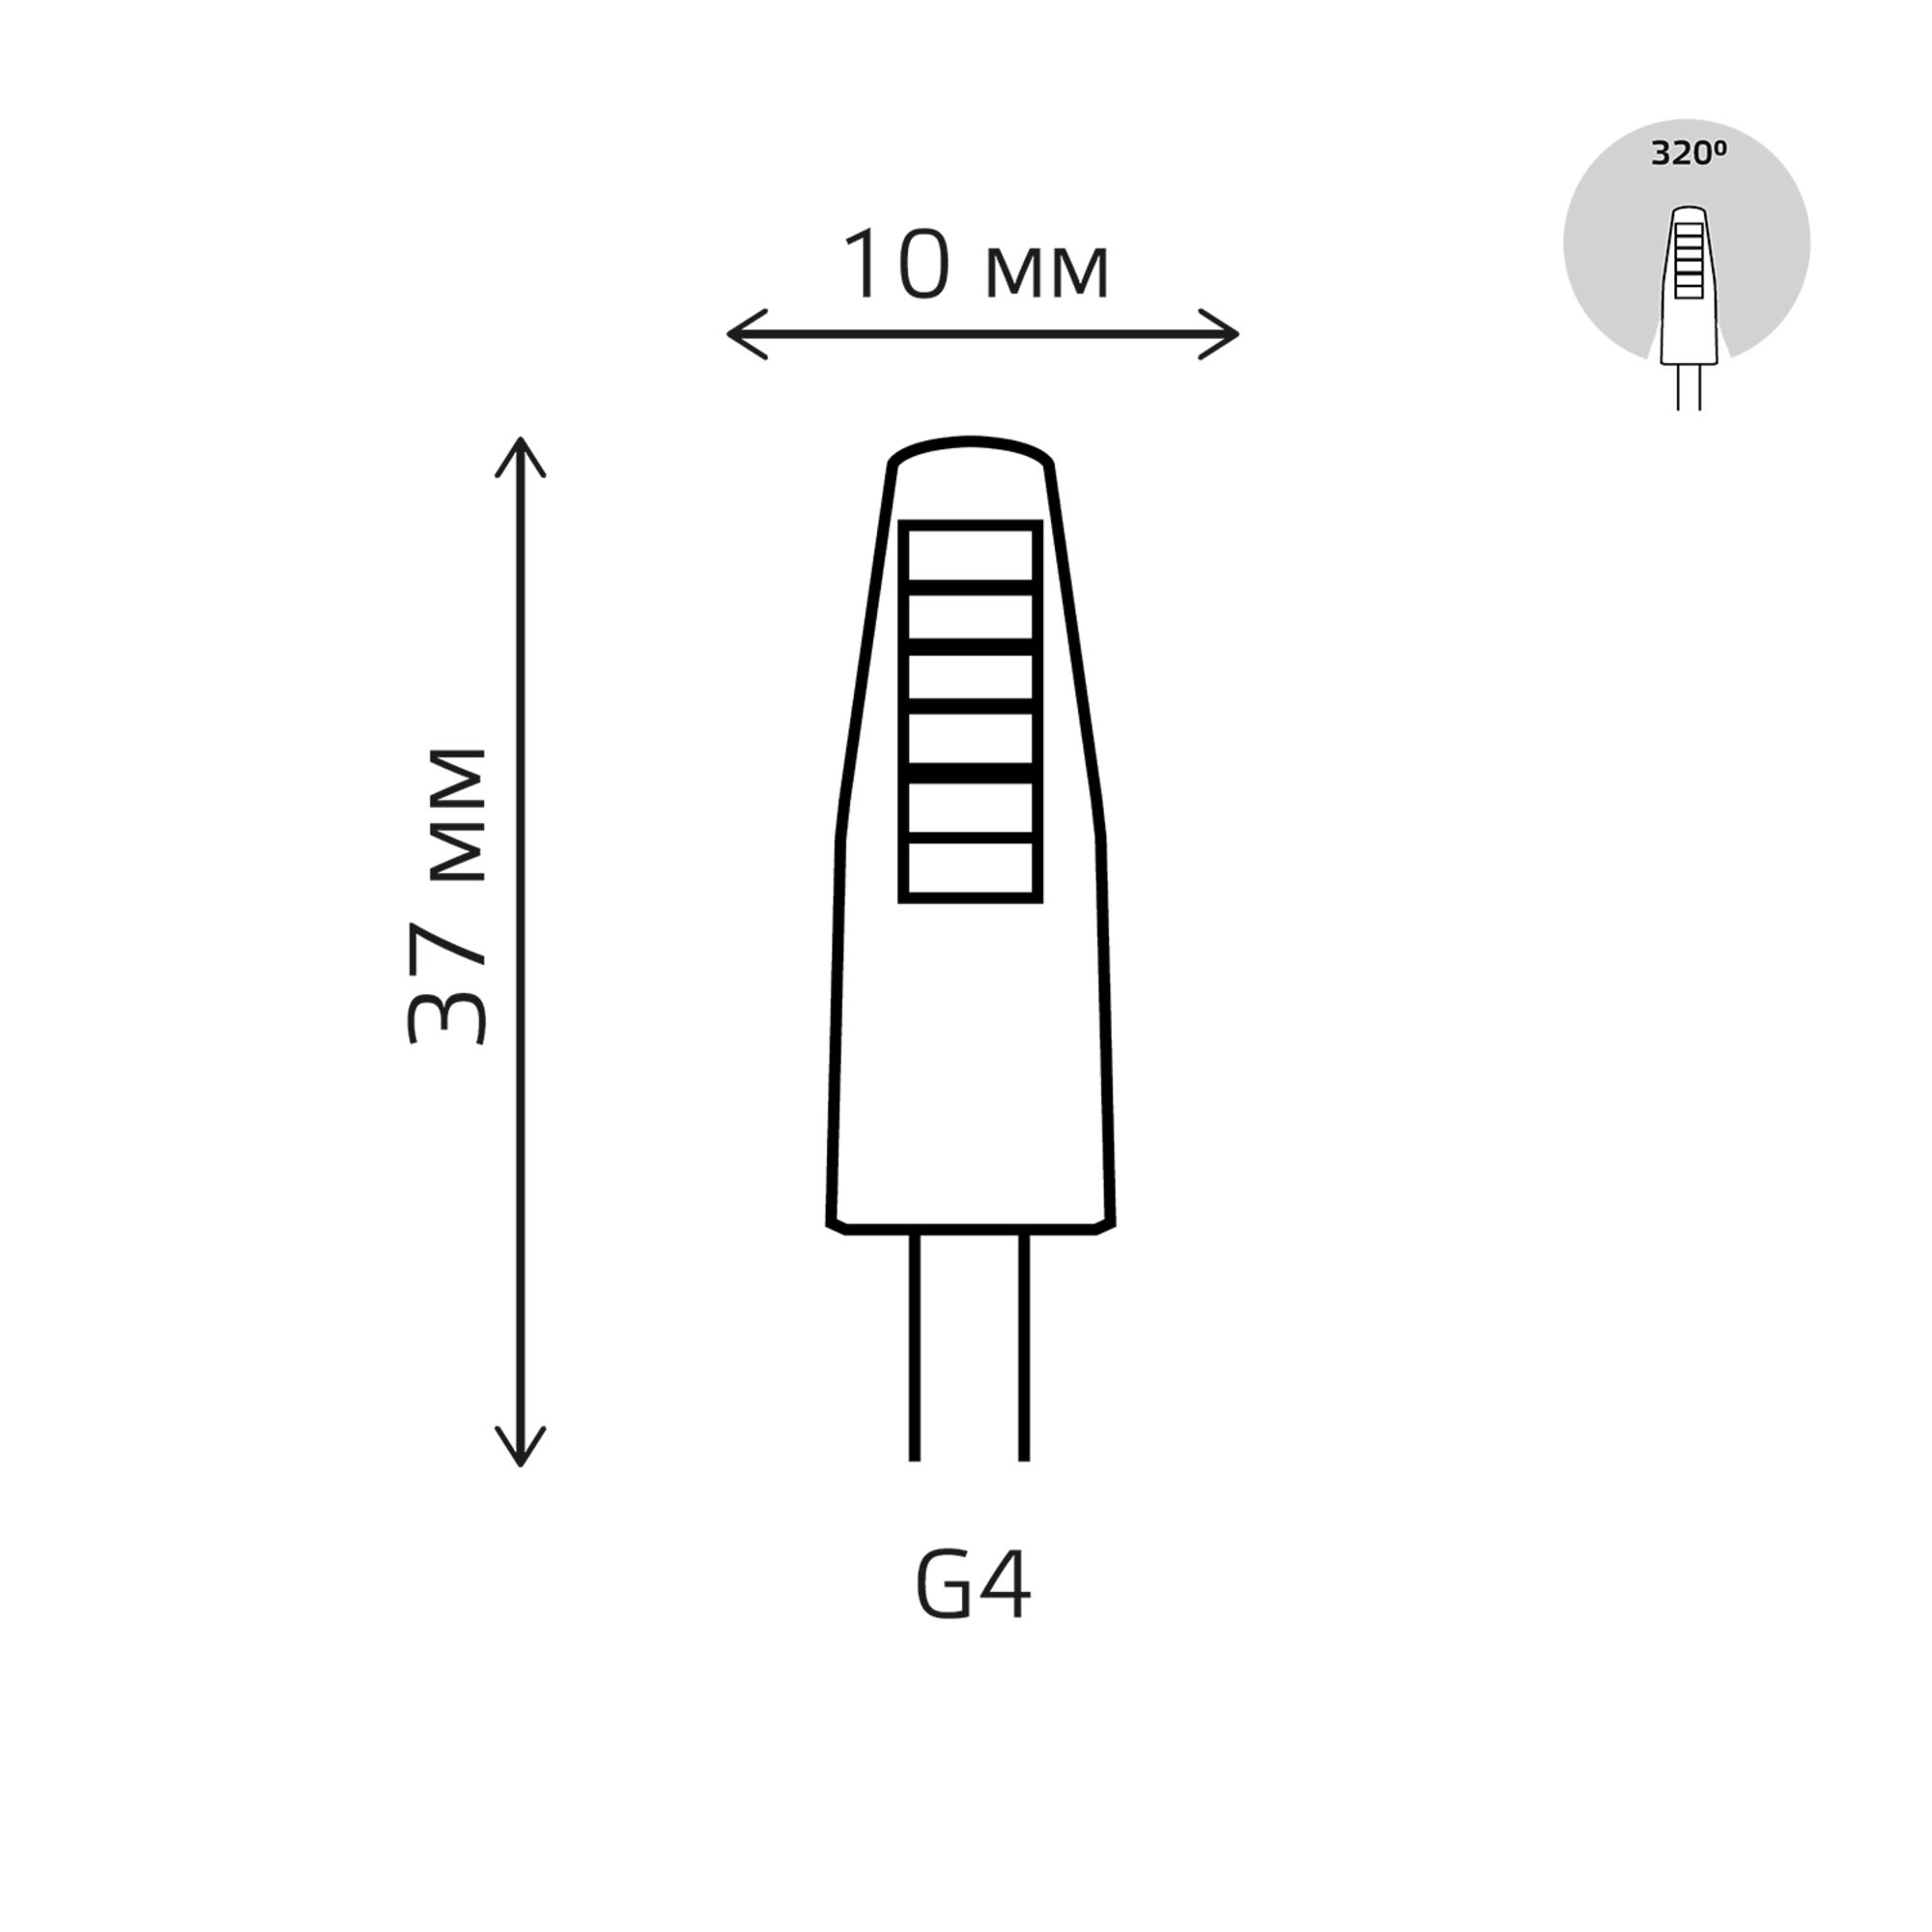 Лампа светодиодная Gauss Basic G4 220-240 В 2 Вт карандаш 190 лм нейтральный белый свет